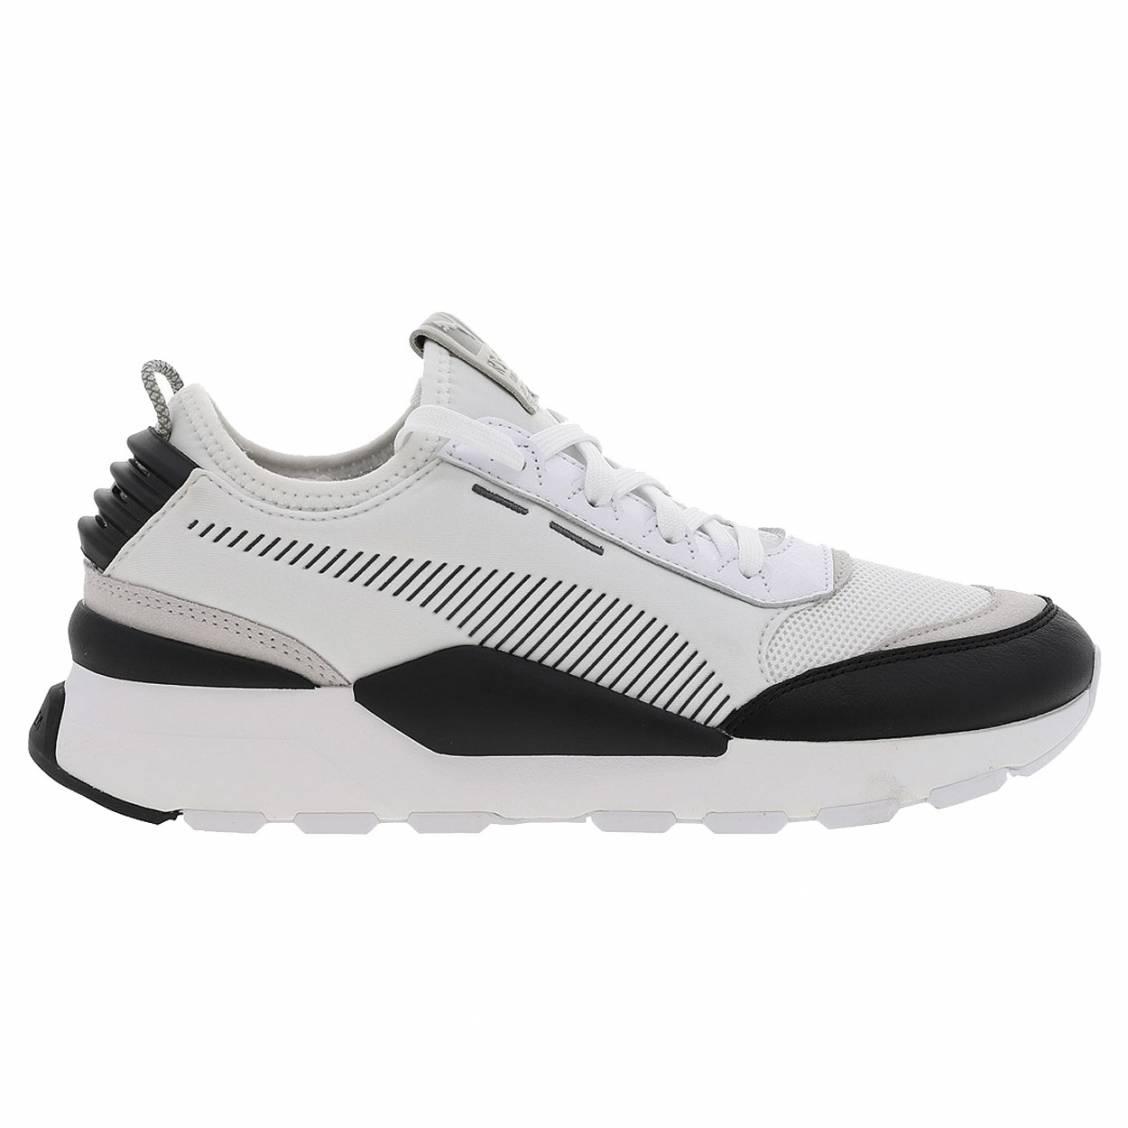 meilleures baskets 77ea6 f9f04 Baskets Puma RS-0 Core en toile blanche à empiècements noirs | Rue Des  Hommes